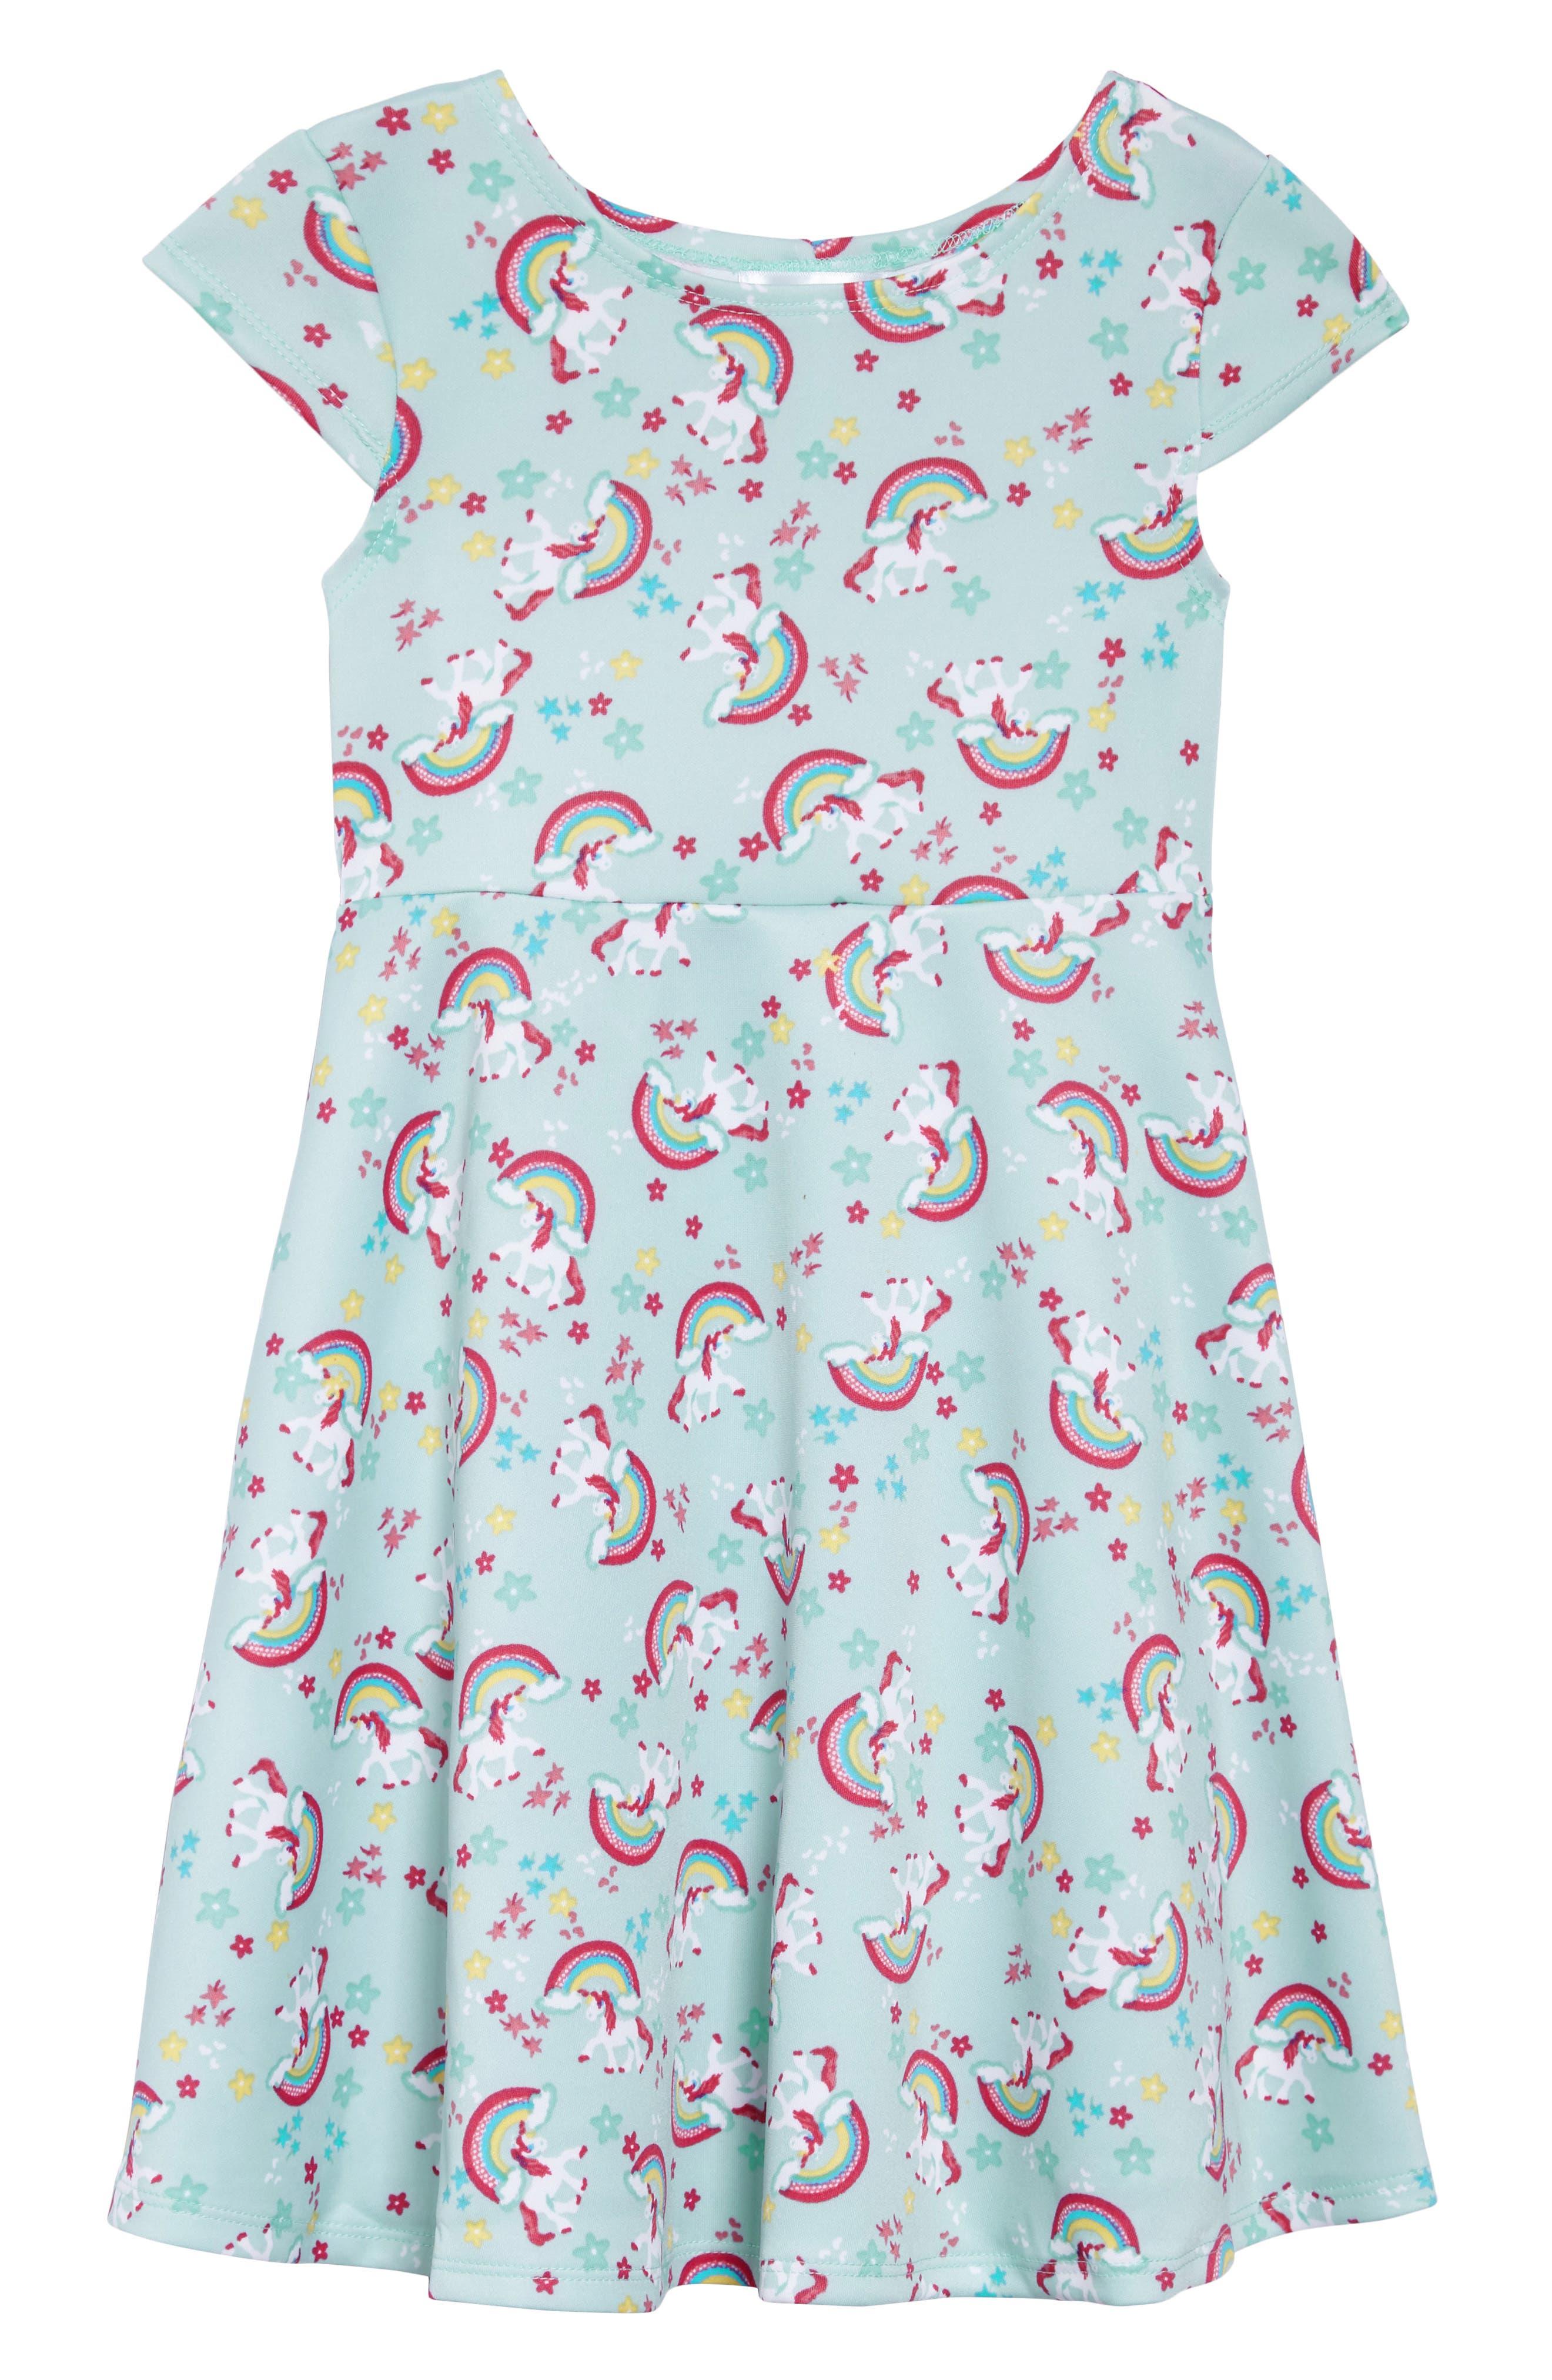 Unicorn Print Dress,                             Main thumbnail 1, color,                             363